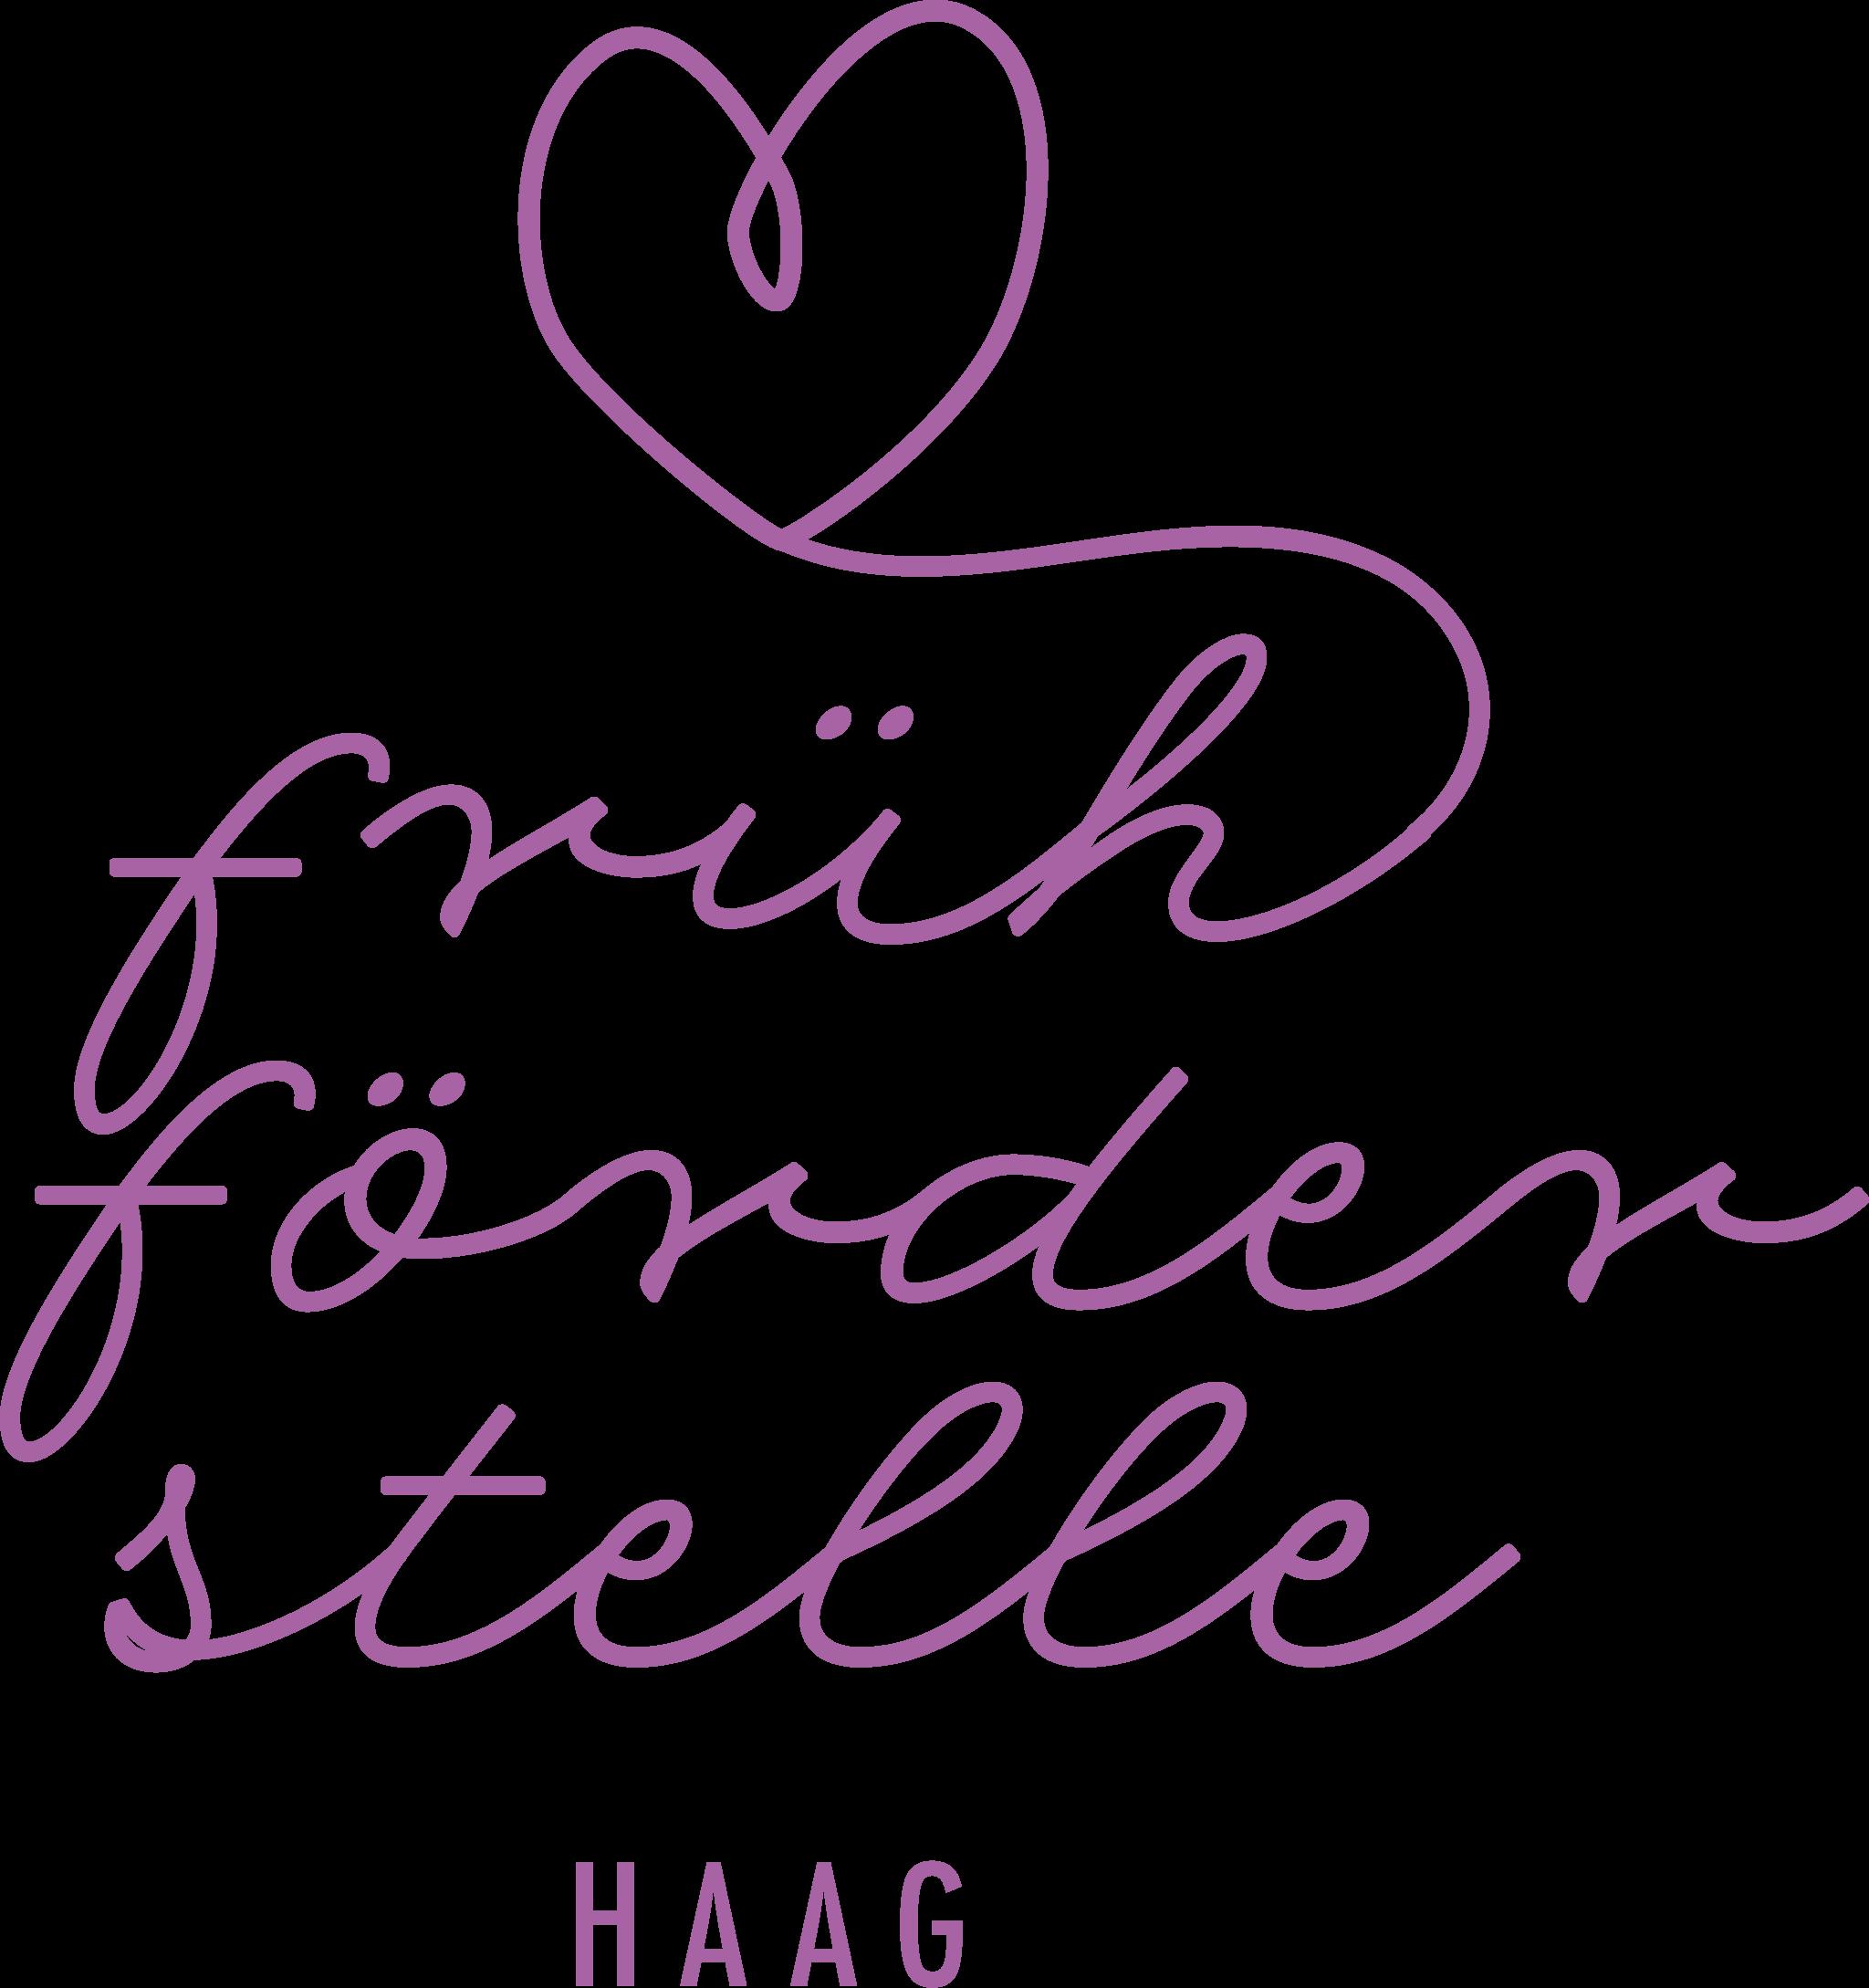 Frühförderstelle Haag